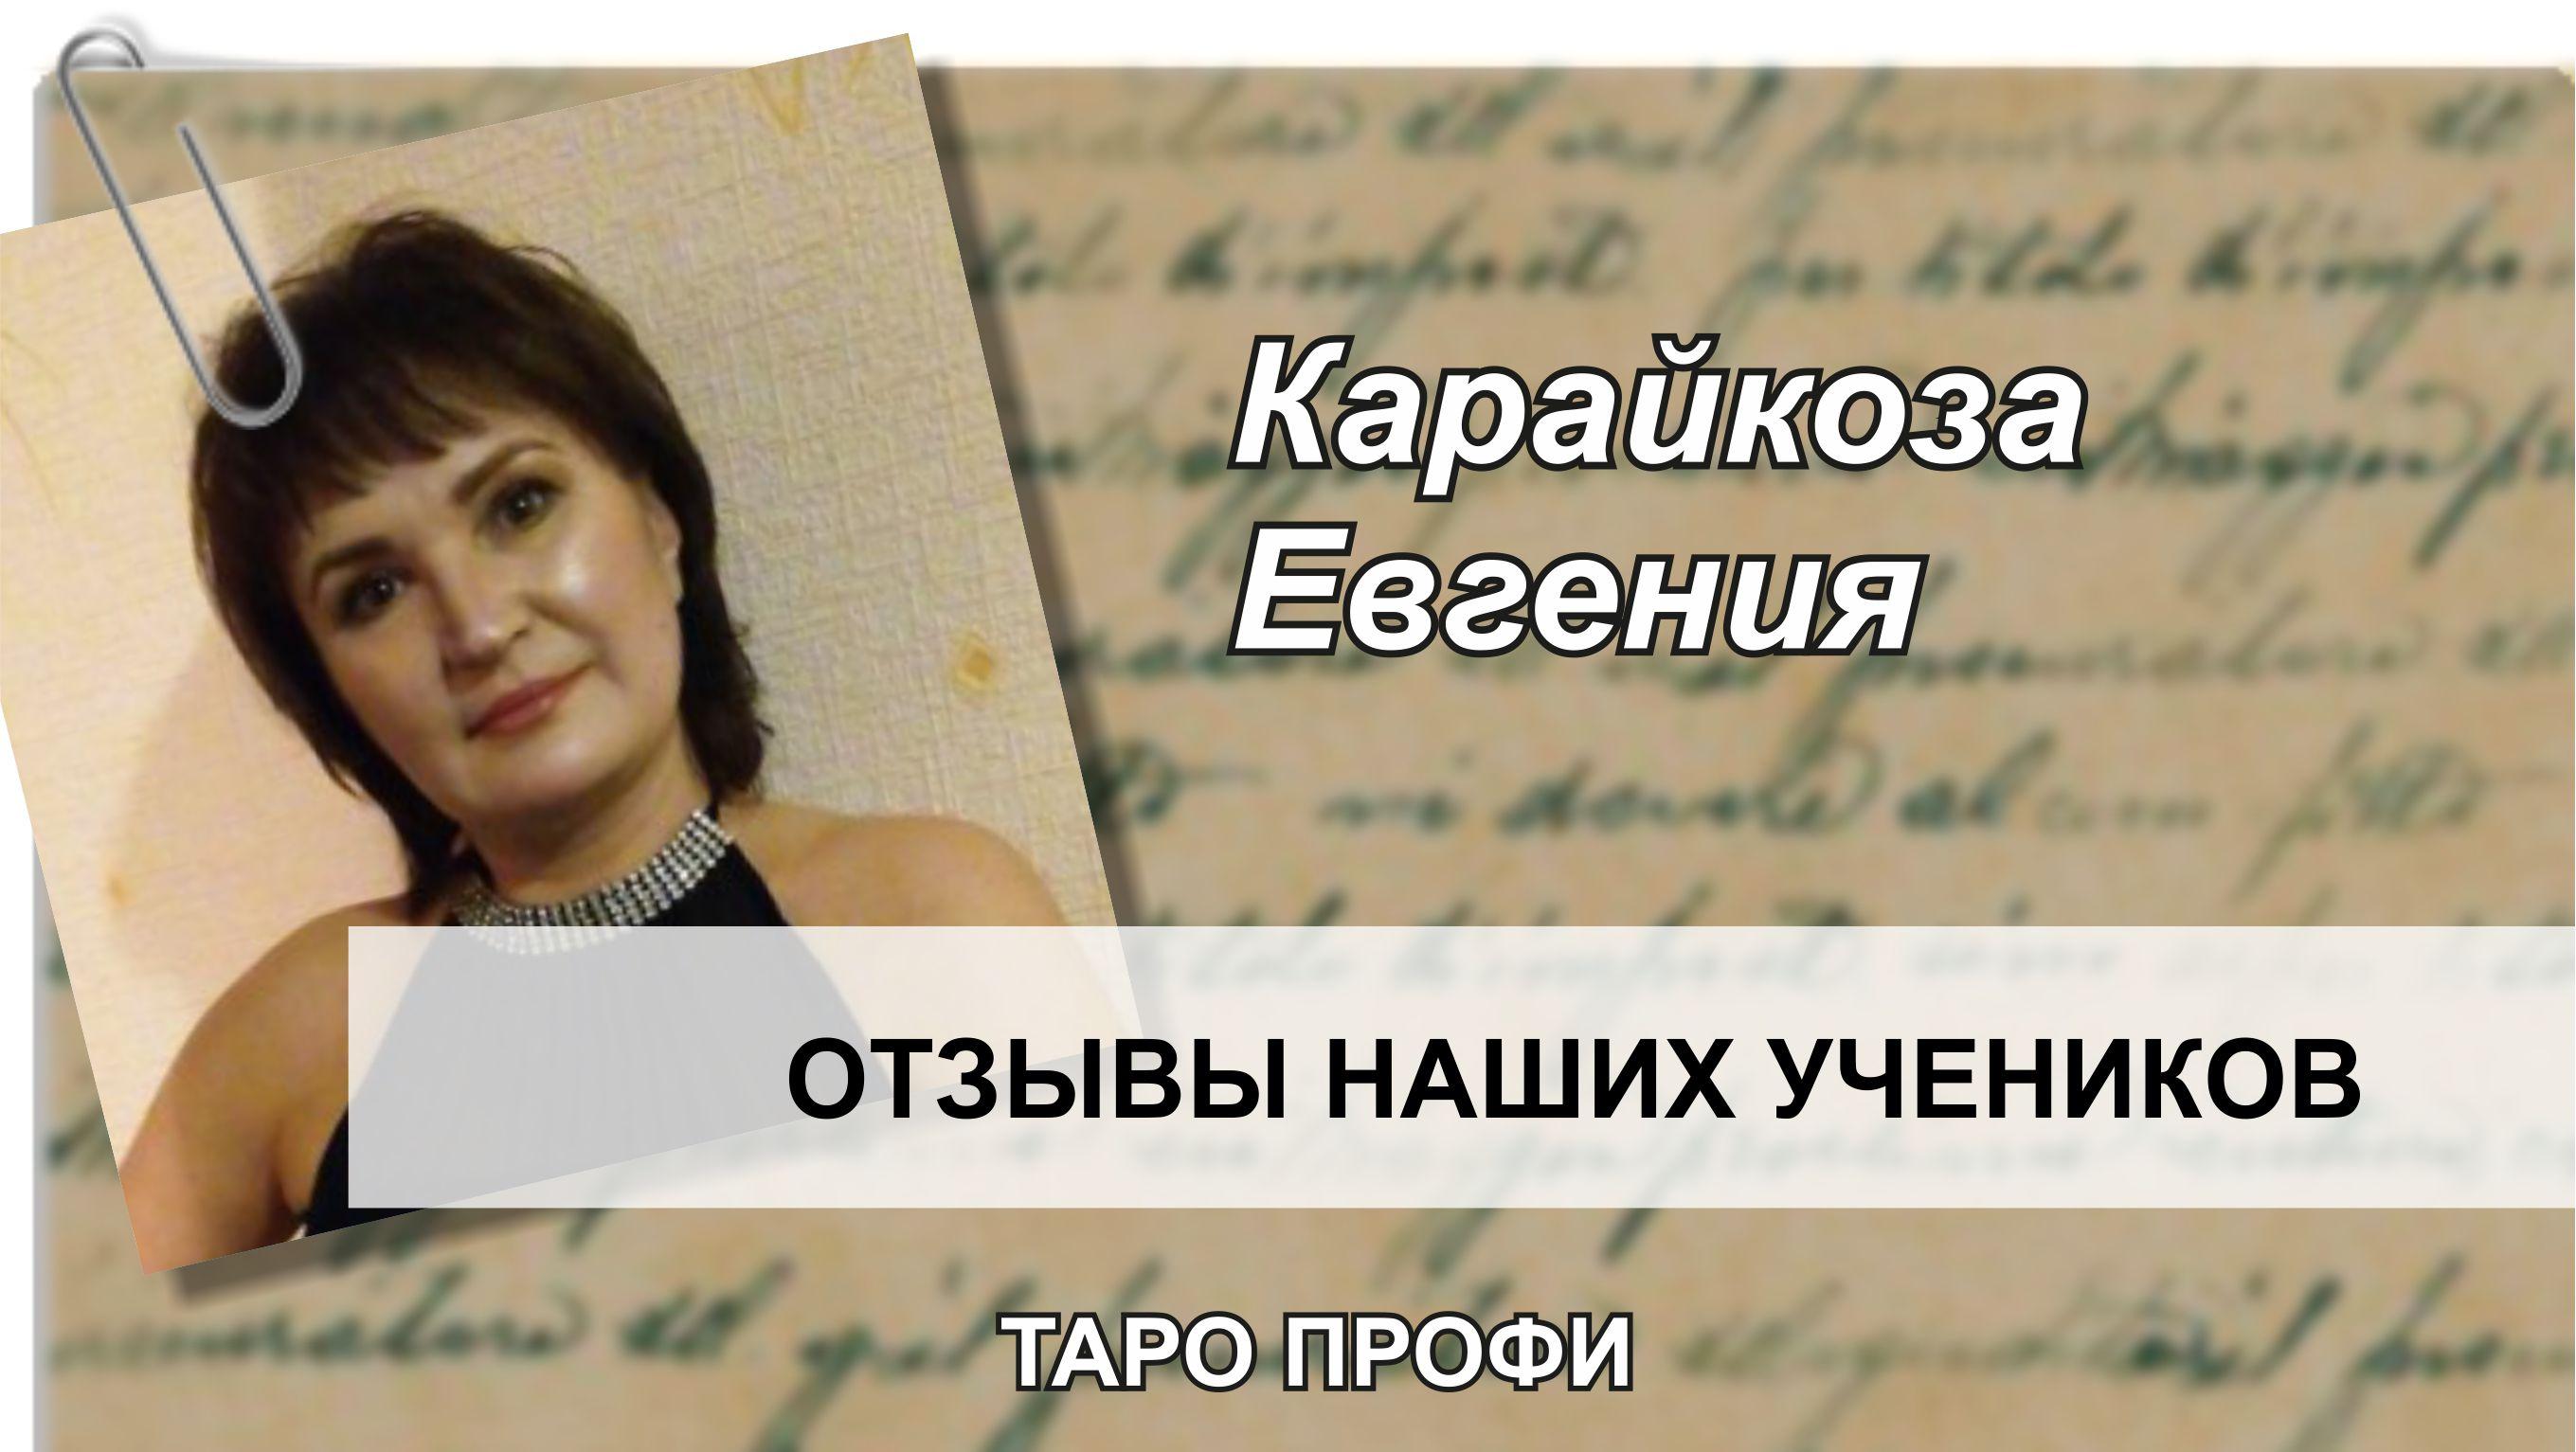 Карайкоза Евгения отзыв Таро Профи